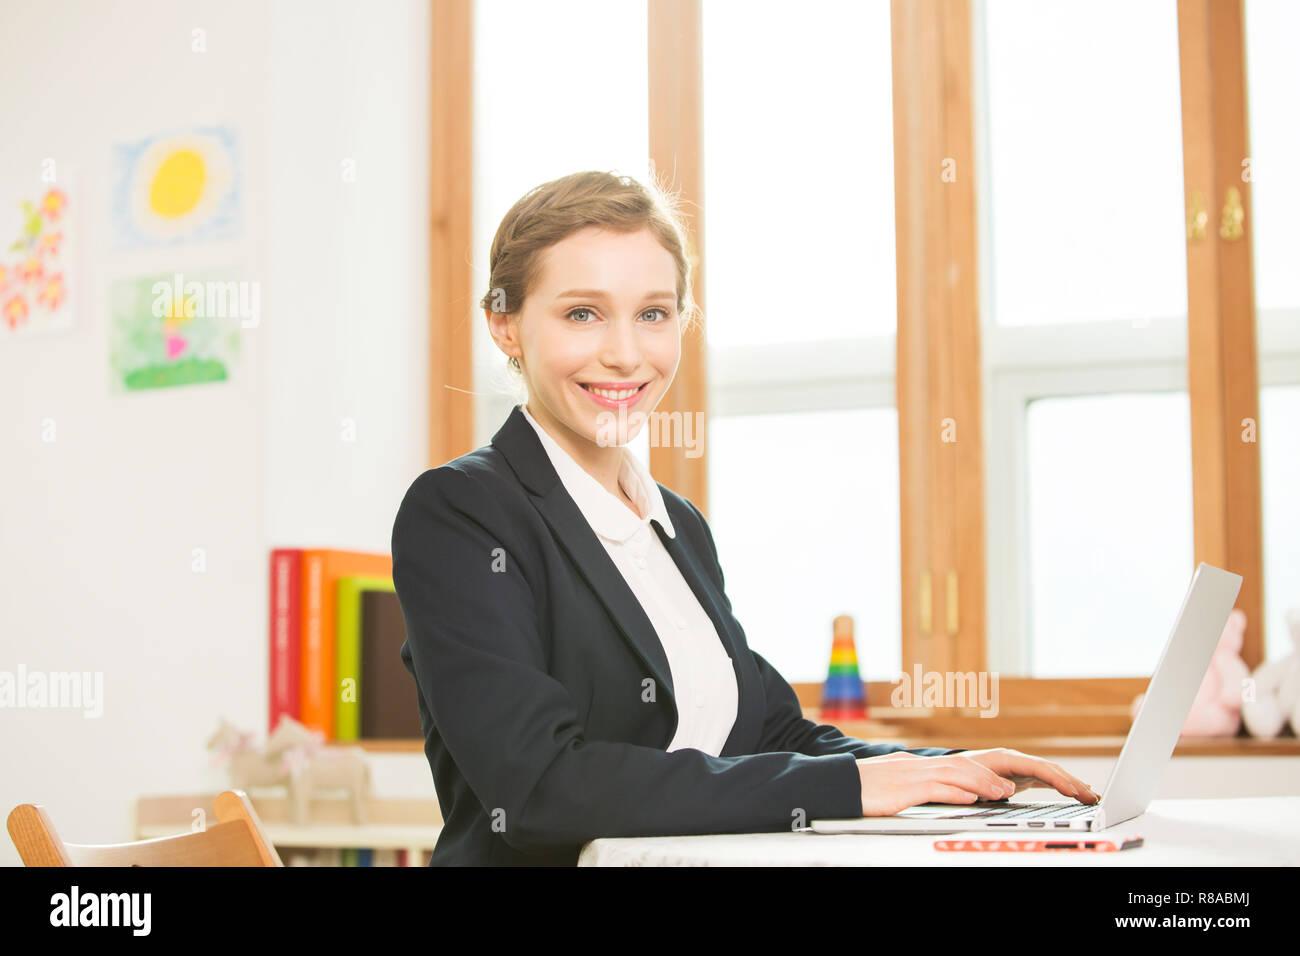 Foreign Female Teacher At Her Desk - Stock Image